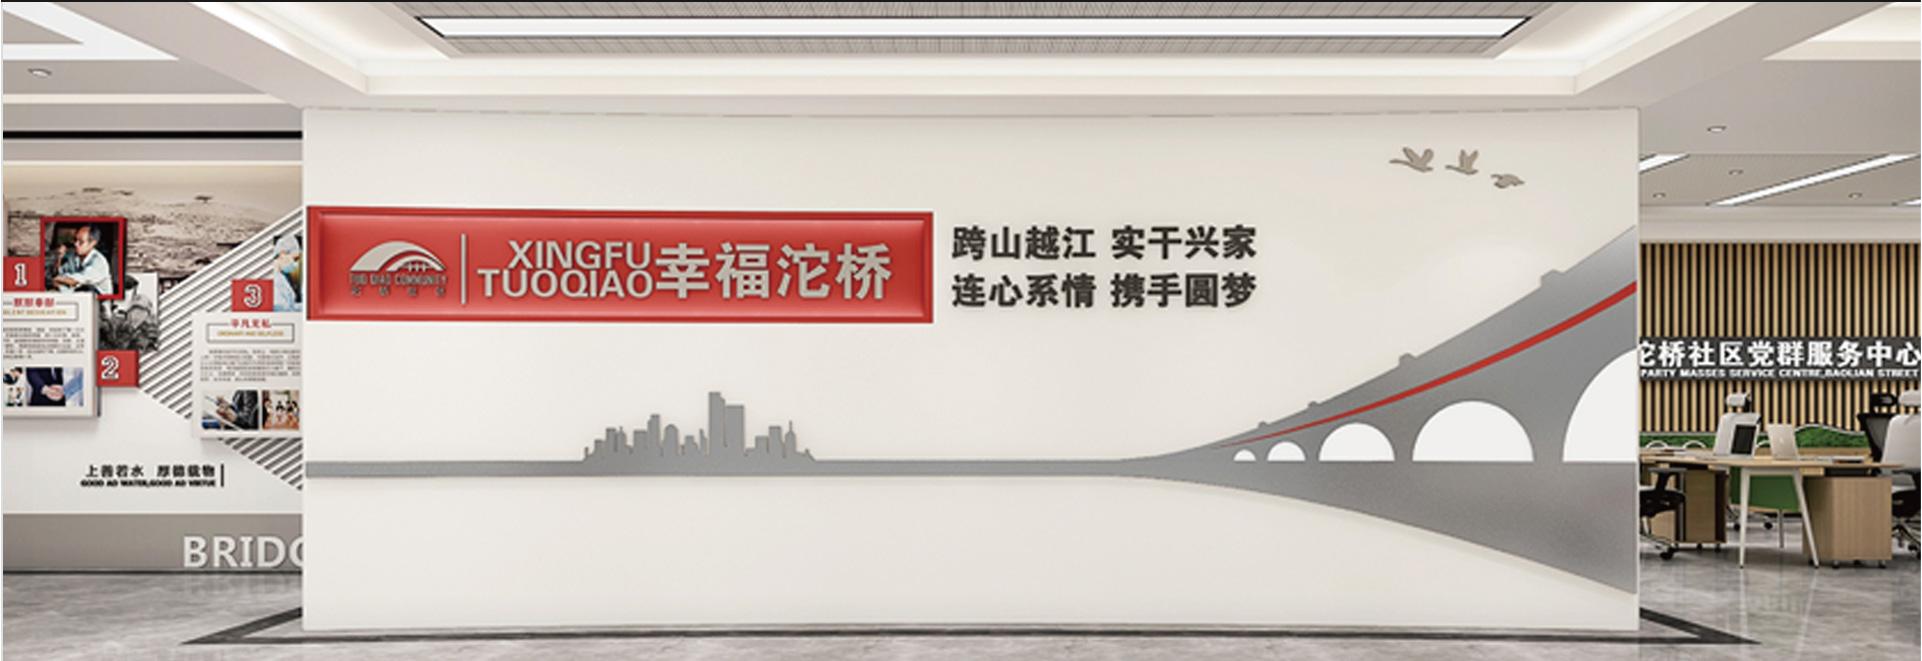 沱桥社区党群服务中心设计插图